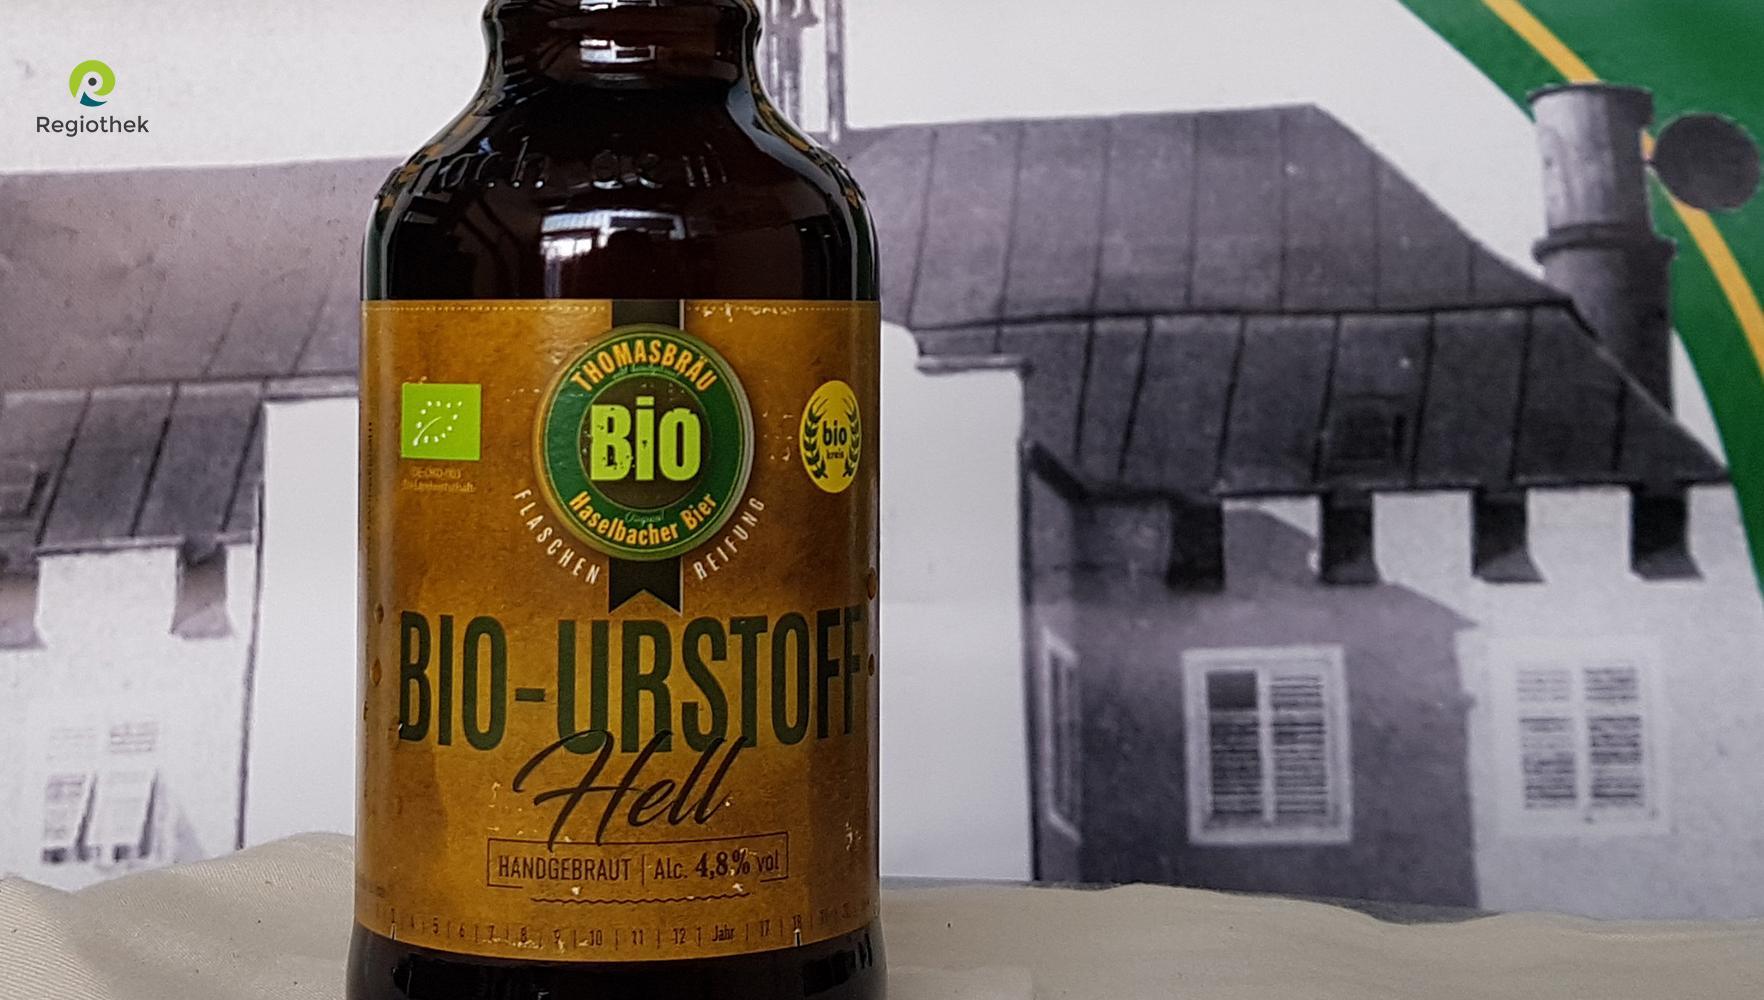 Bio-Urstoff-Hell